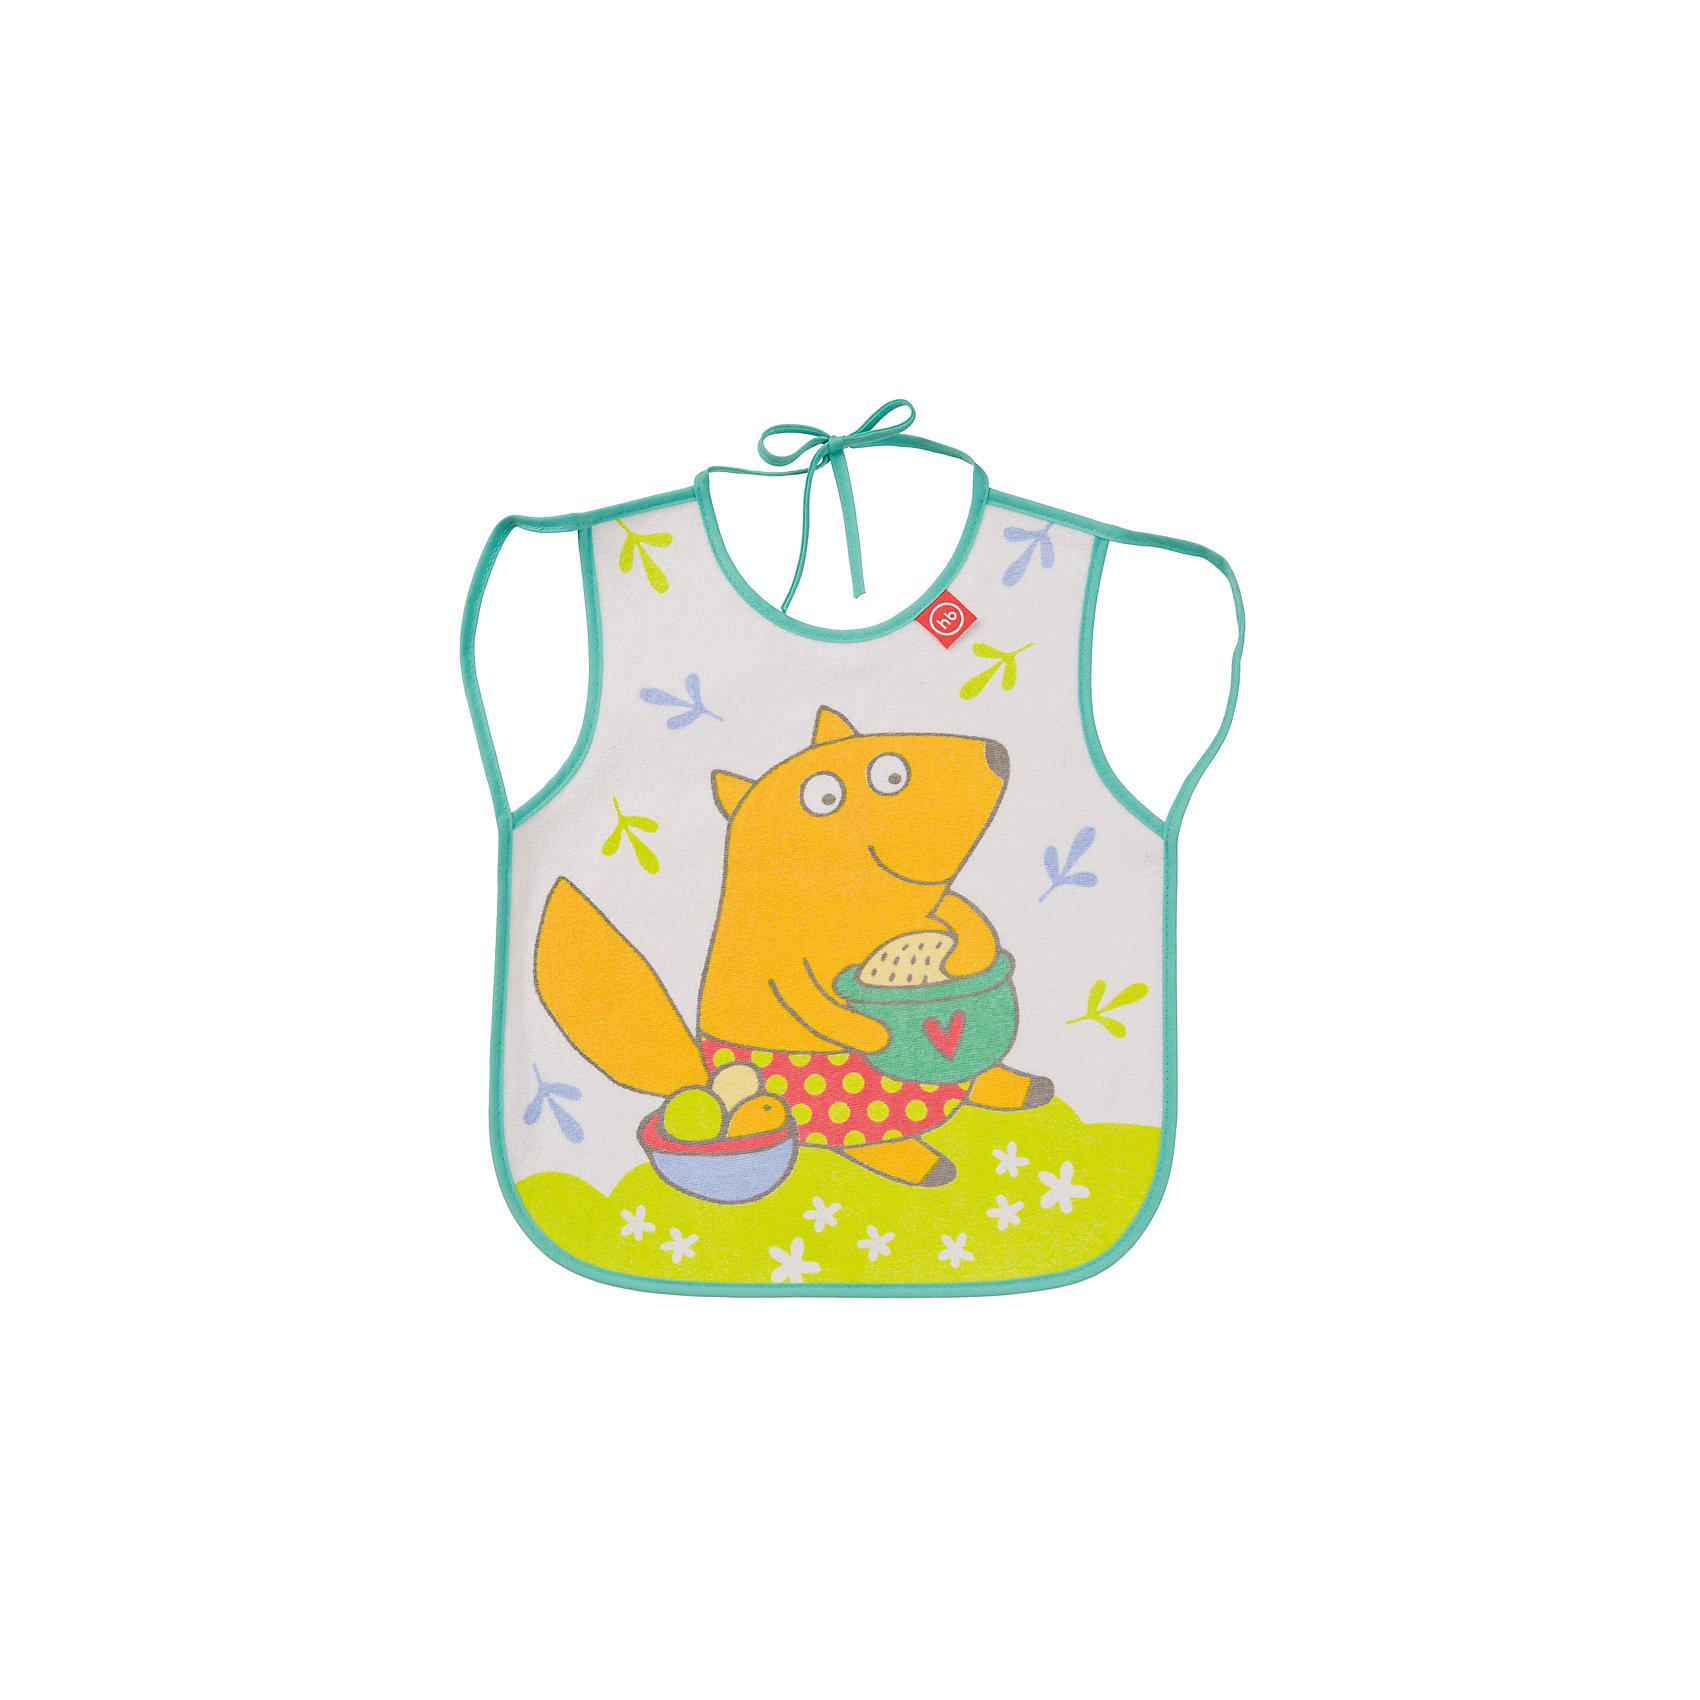 Фартук нагрудный, Happy Baby, мятныйНагрудники и салфетки<br>Кормление малыша, как правило, требует особой подготовки. Так же, как и приучить его есть и пить самому - непростой процесс, но на помощь родителям придут разработанные профессионалами приспособления - например, нагрудные фартуки. Фартук нагрудный от Happy Baby (Хэпи Бэби) позволит малышу легче научиться есть и пить самостоятельно.<br>Он отличается удобной формой, приятный на ощупь, из мягкого материала. Надежно защитит одежду малыша от остатков пищи и пятен, так как имеет непромокаемую подкладку. Нагрудный фартук легко надевается благодаря лямкам и завязке на шее. Украшен он симпатичным рисунком. Сделан нагрудный фартук из высококачественных и безопасных для малышей материалов.<br><br>Дополнительная информация:<br><br>цвет: разноцветный;<br>удобная форма;<br>украшен принтом;<br>непромокаемая подкладка.<br><br>Фартук нагрудный, Happy Baby (Хэпи Бэби), мятный, можно купить в нашем магазине.<br><br>Ширина мм: 10<br>Глубина мм: 200<br>Высота мм: 320<br>Вес г: 42<br>Возраст от месяцев: 3<br>Возраст до месяцев: 36<br>Пол: Унисекс<br>Возраст: Детский<br>SKU: 4695010